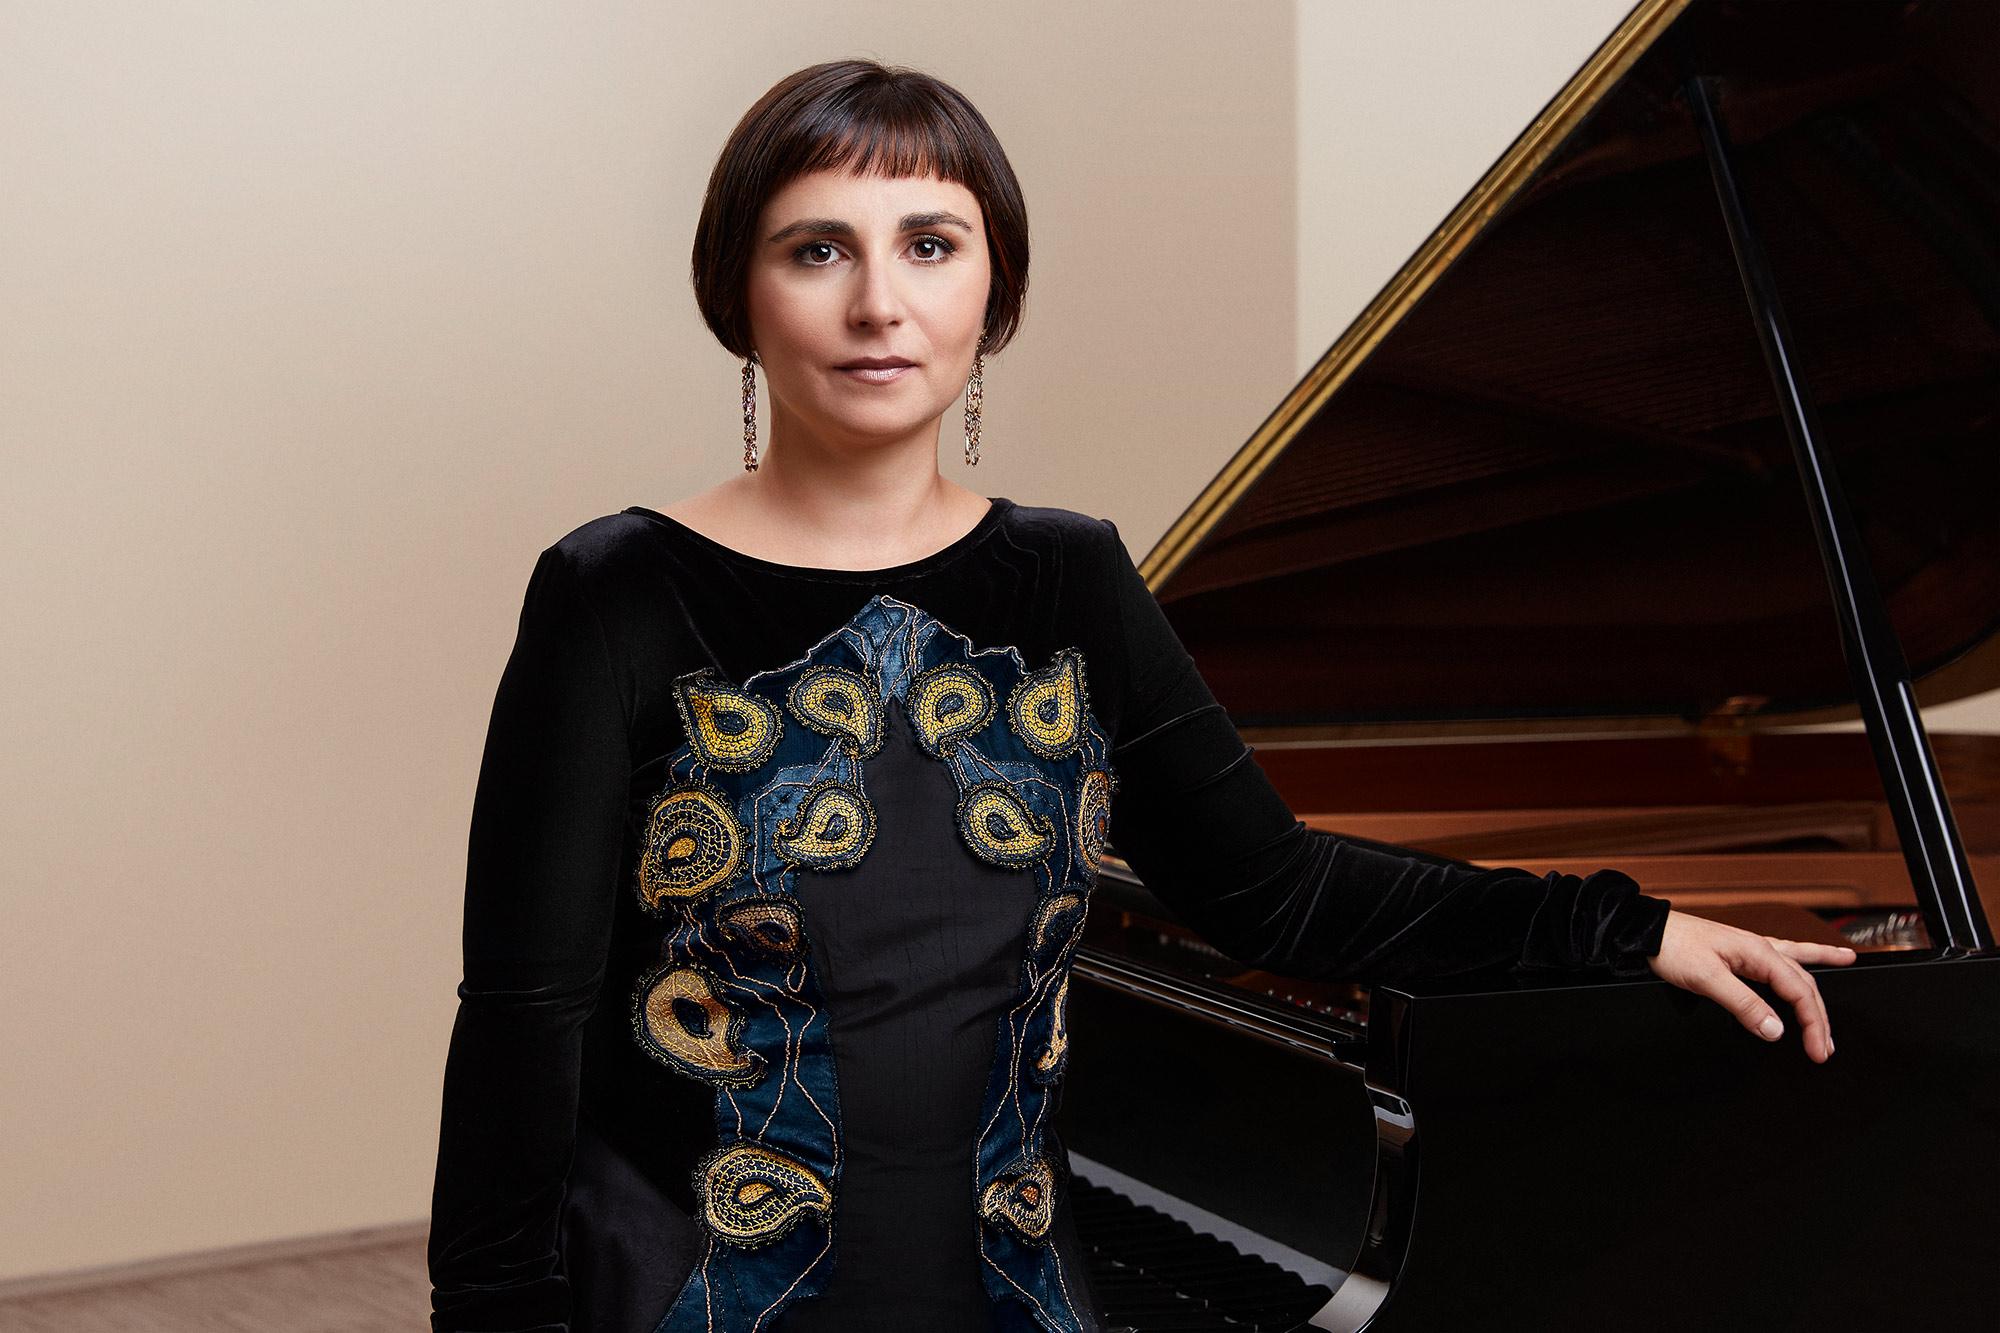 Natali Pavlovic